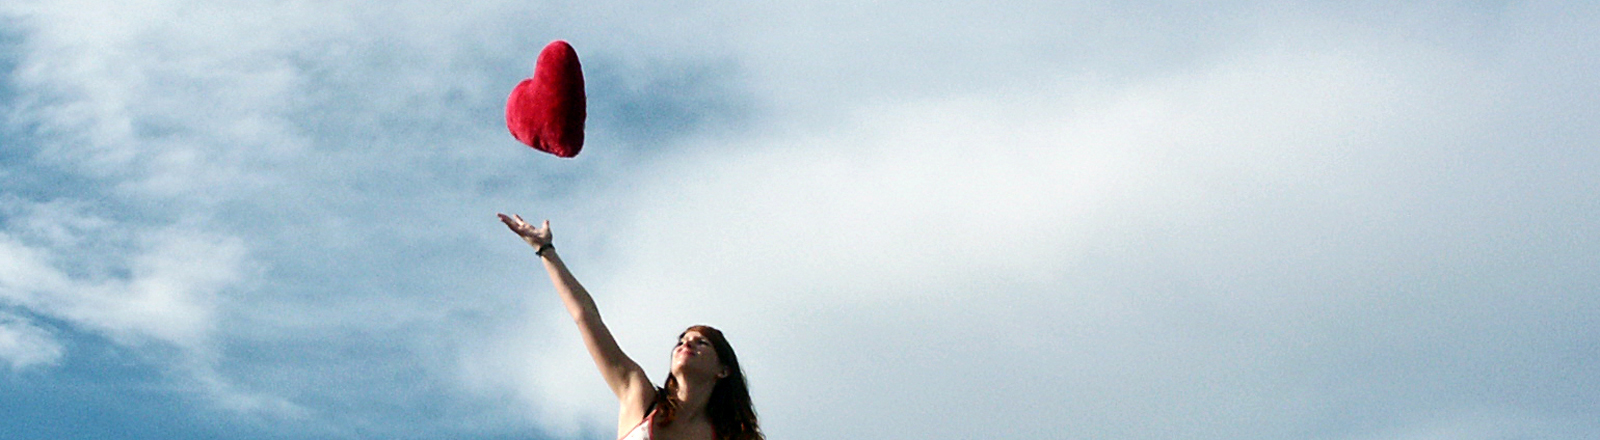 Eine Frau wirft ein Plüschherz in die Luft.